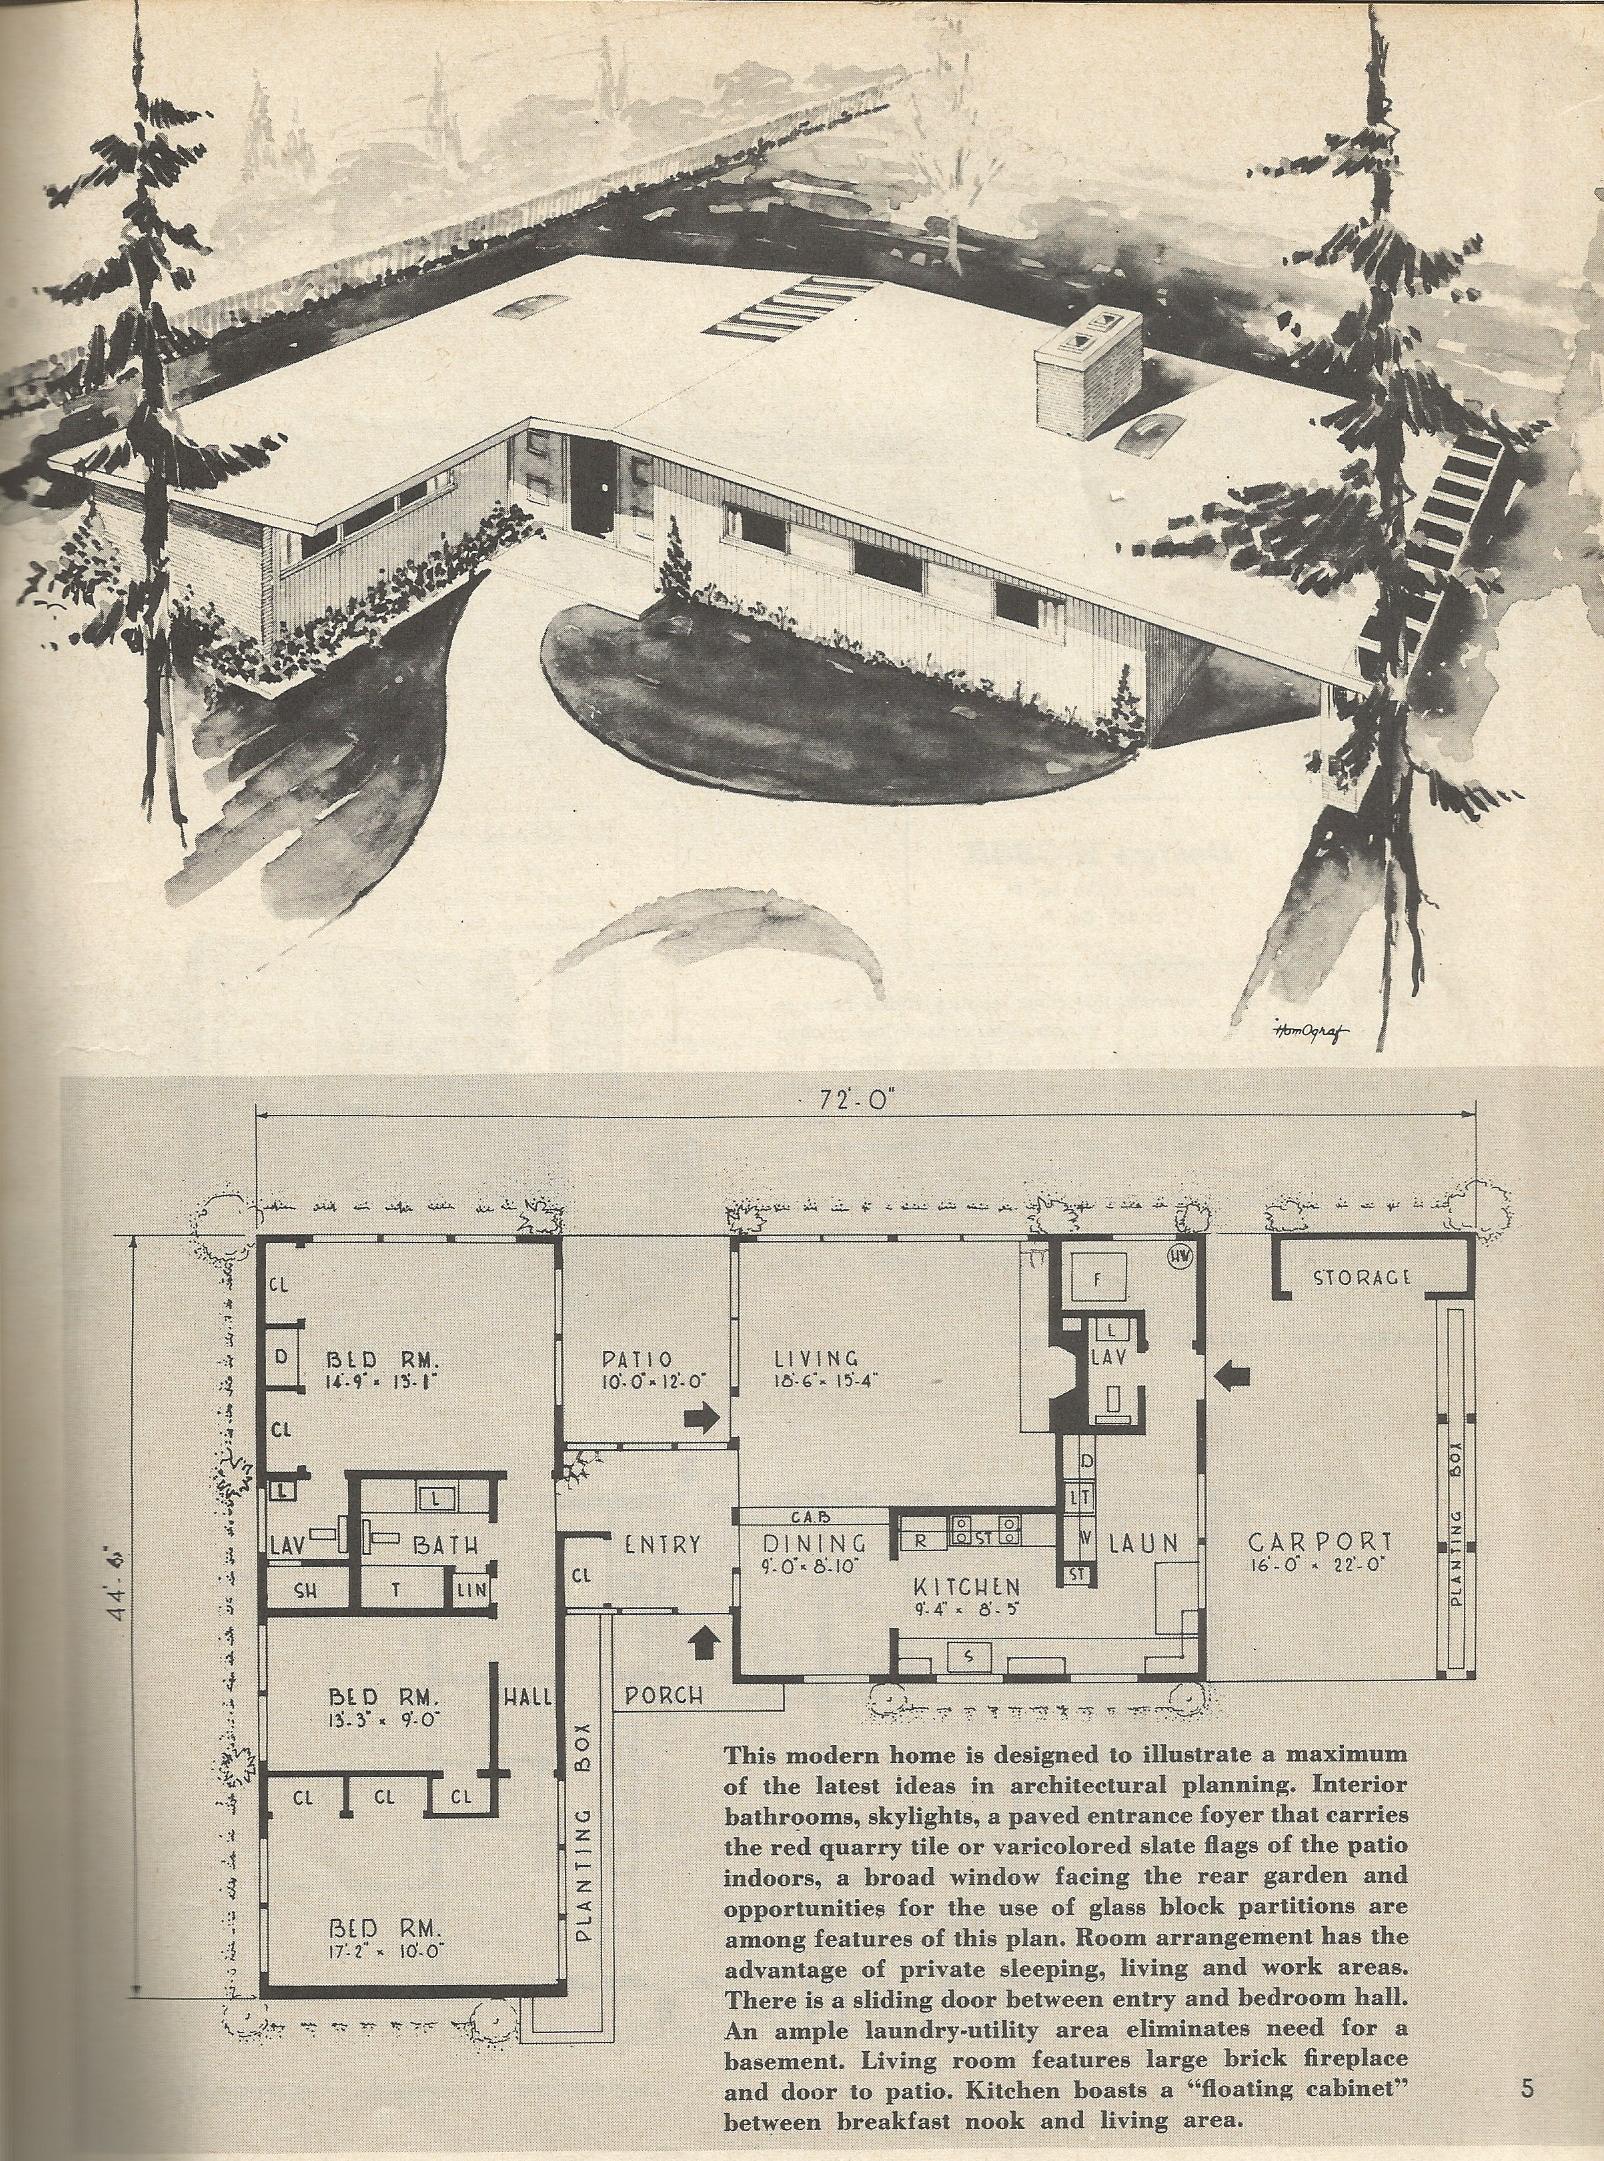 Vintage house plans 372ka antique alter ego for Vintage ranch house plans